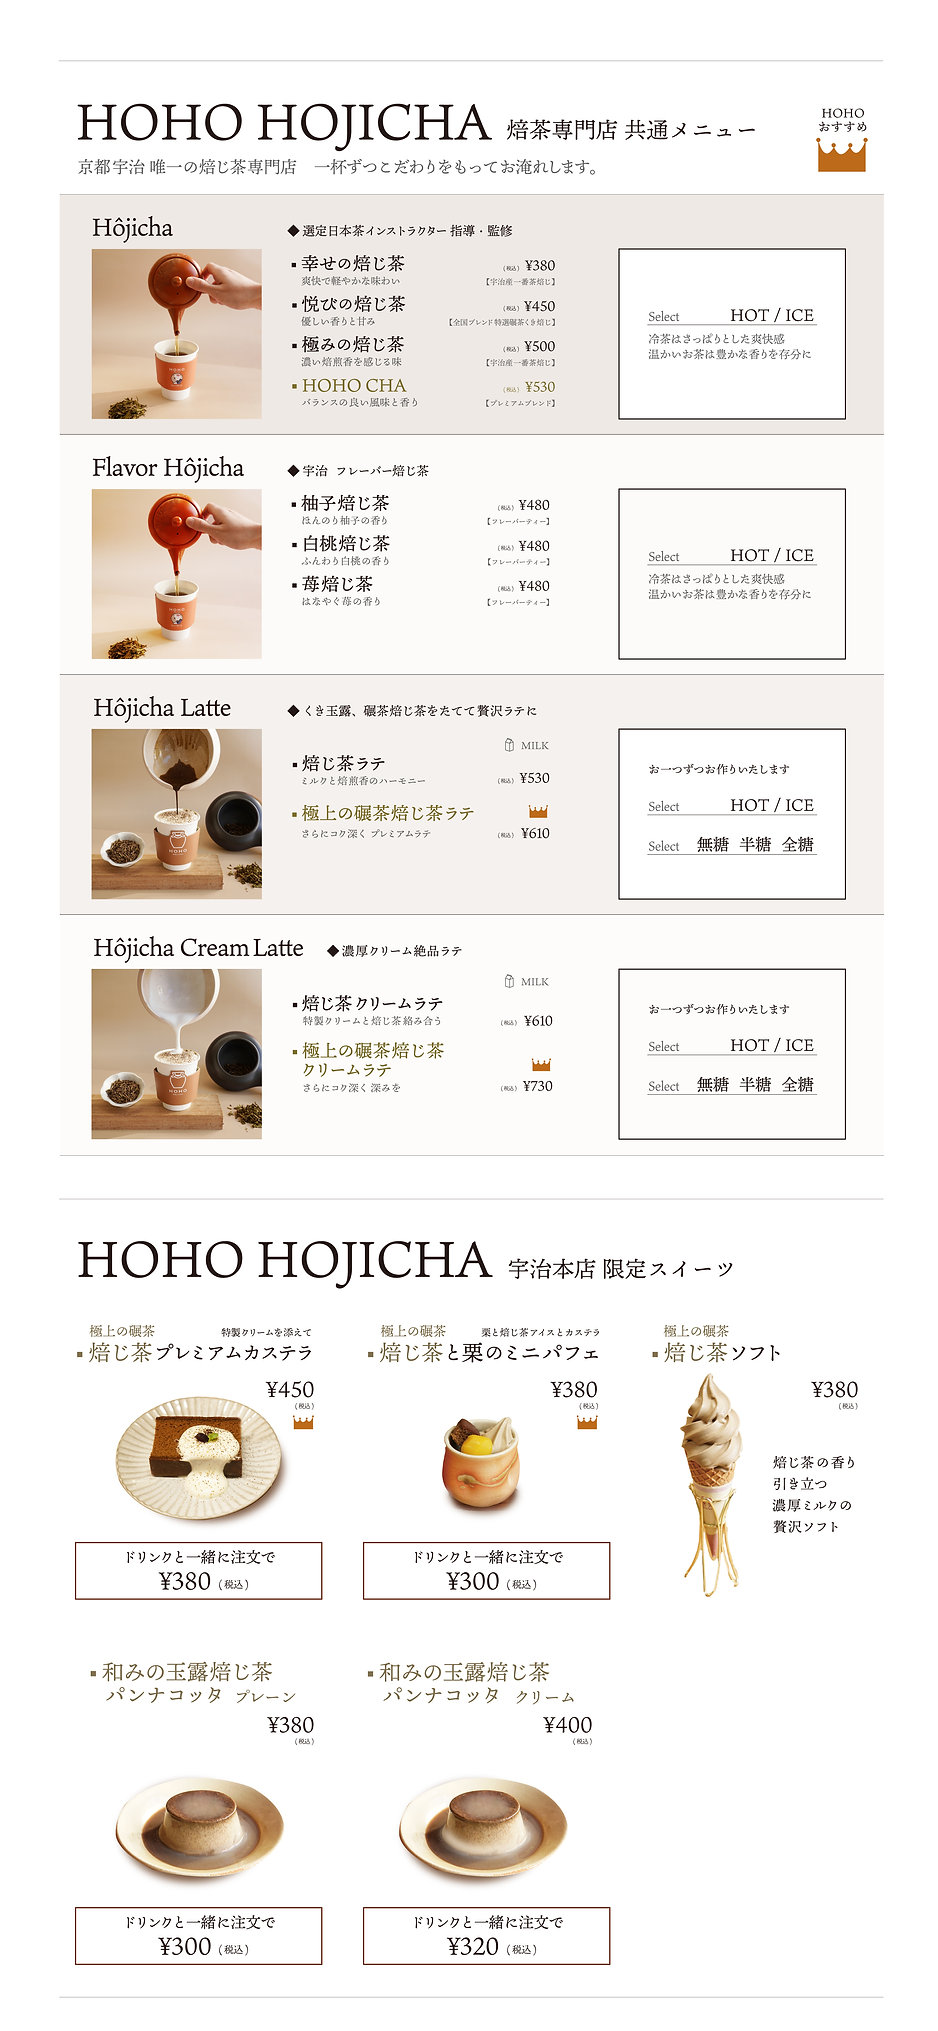 HOHOHOJICHA_web_menu.jpg